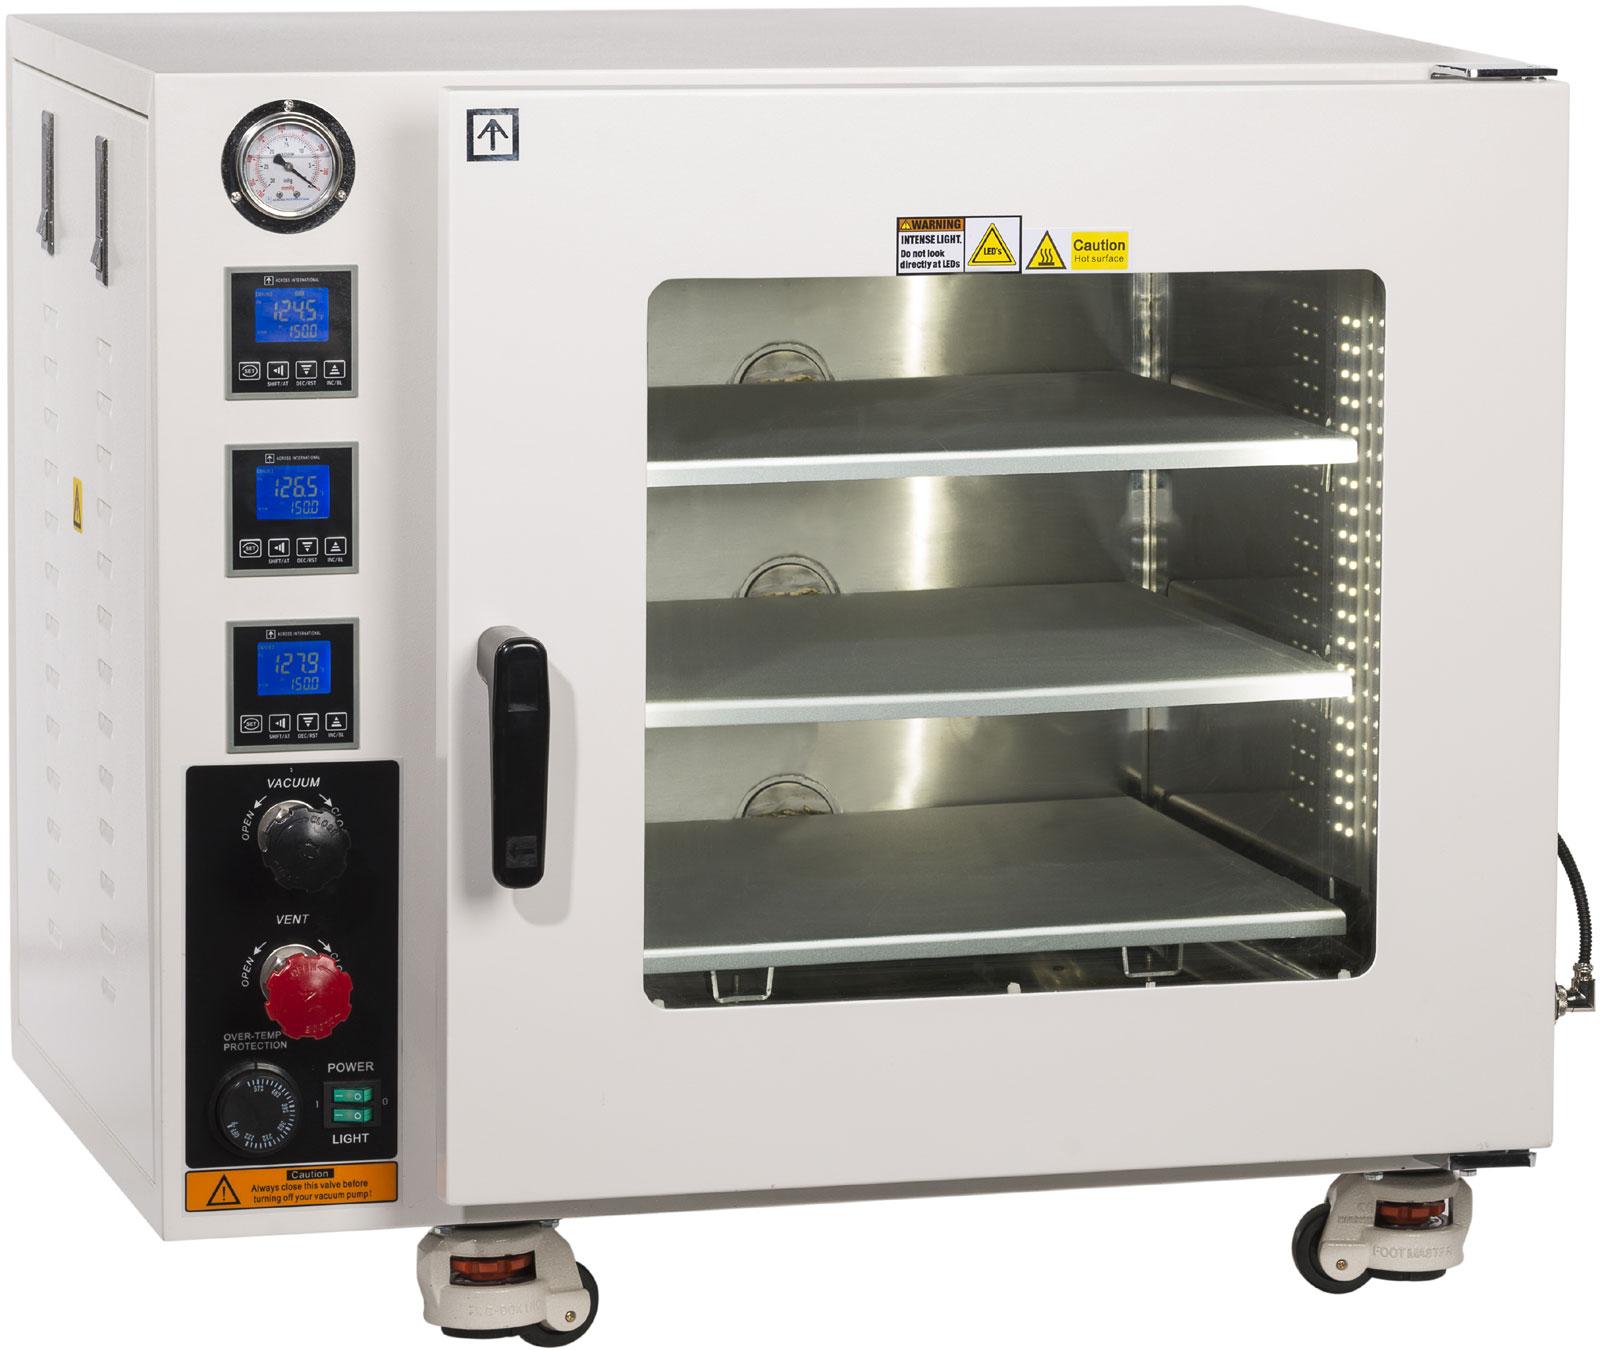 Ai AccuTemp 3 2 cu ft UL/CSA Certified Vacuum Oven | AiVacOvens com